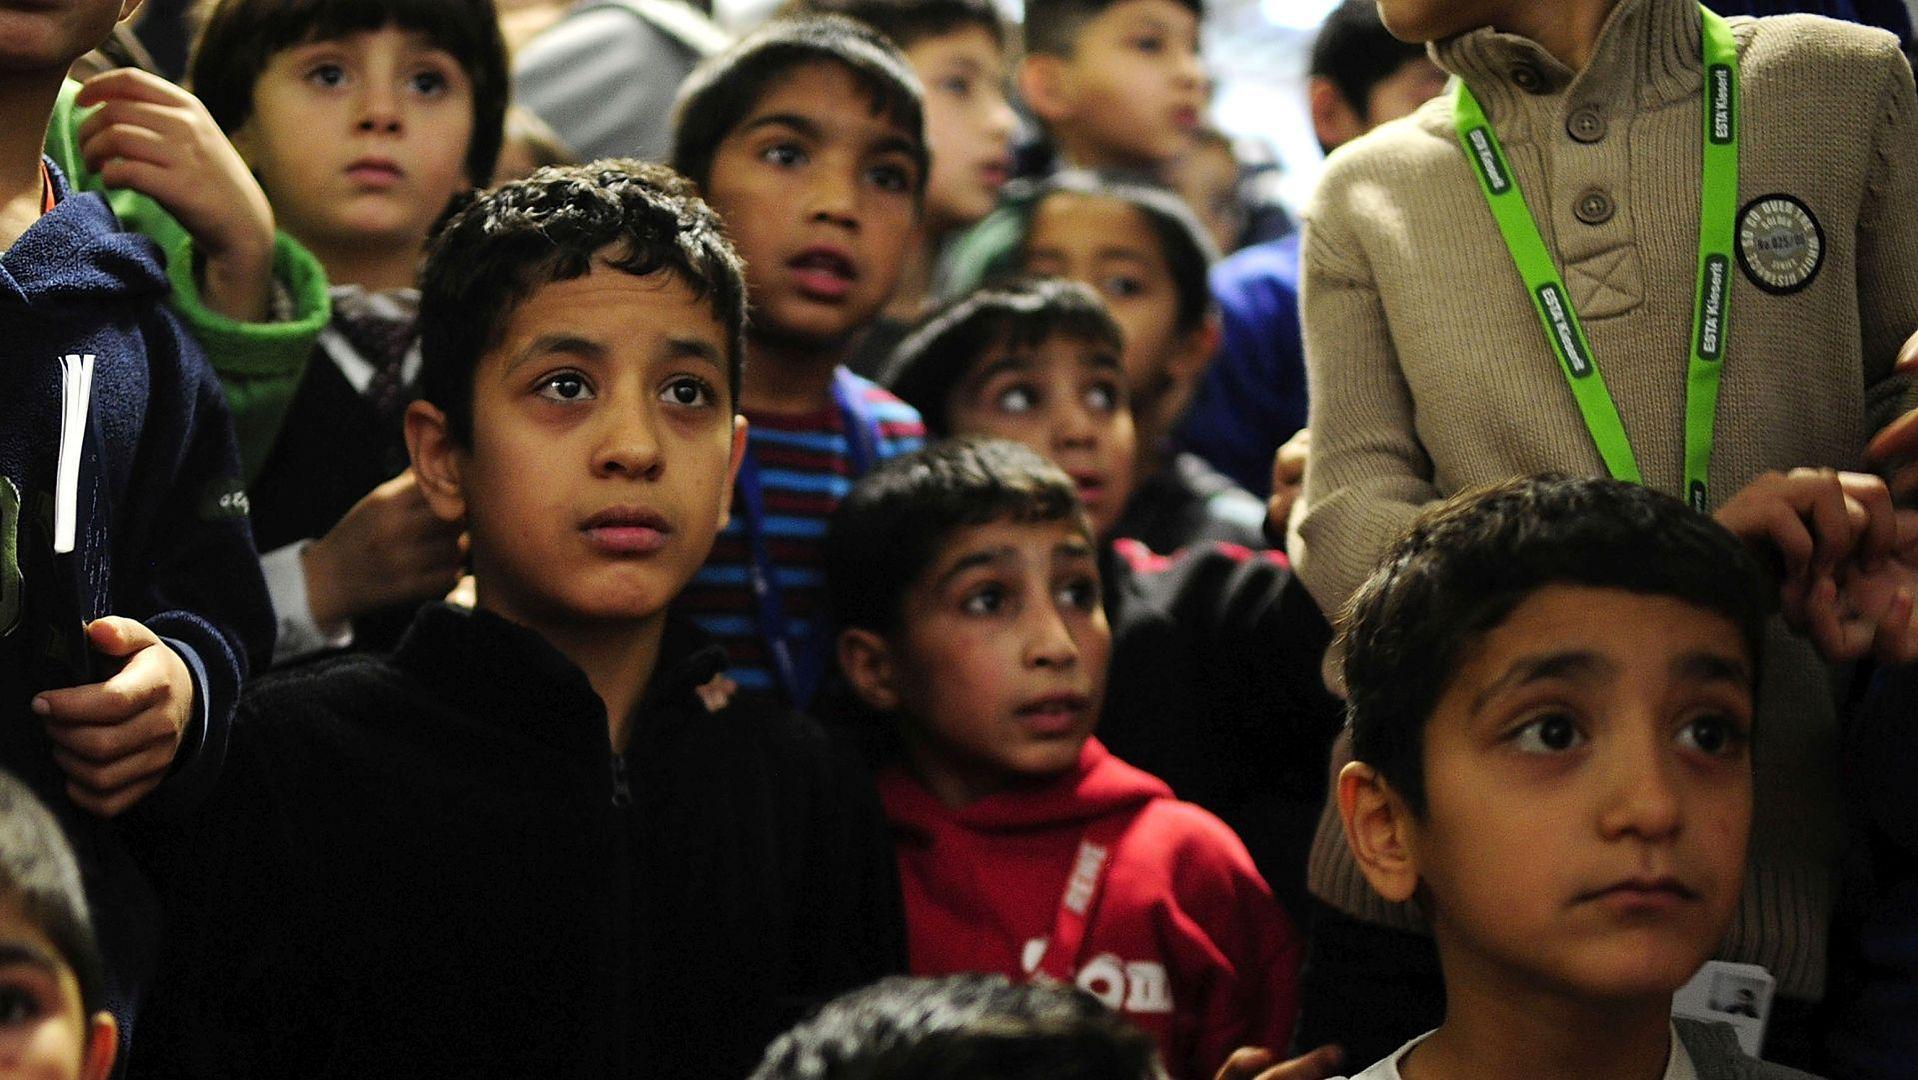 Jak przeprowadzić integrację uchodźców. Niemcy nadal szukają recepty